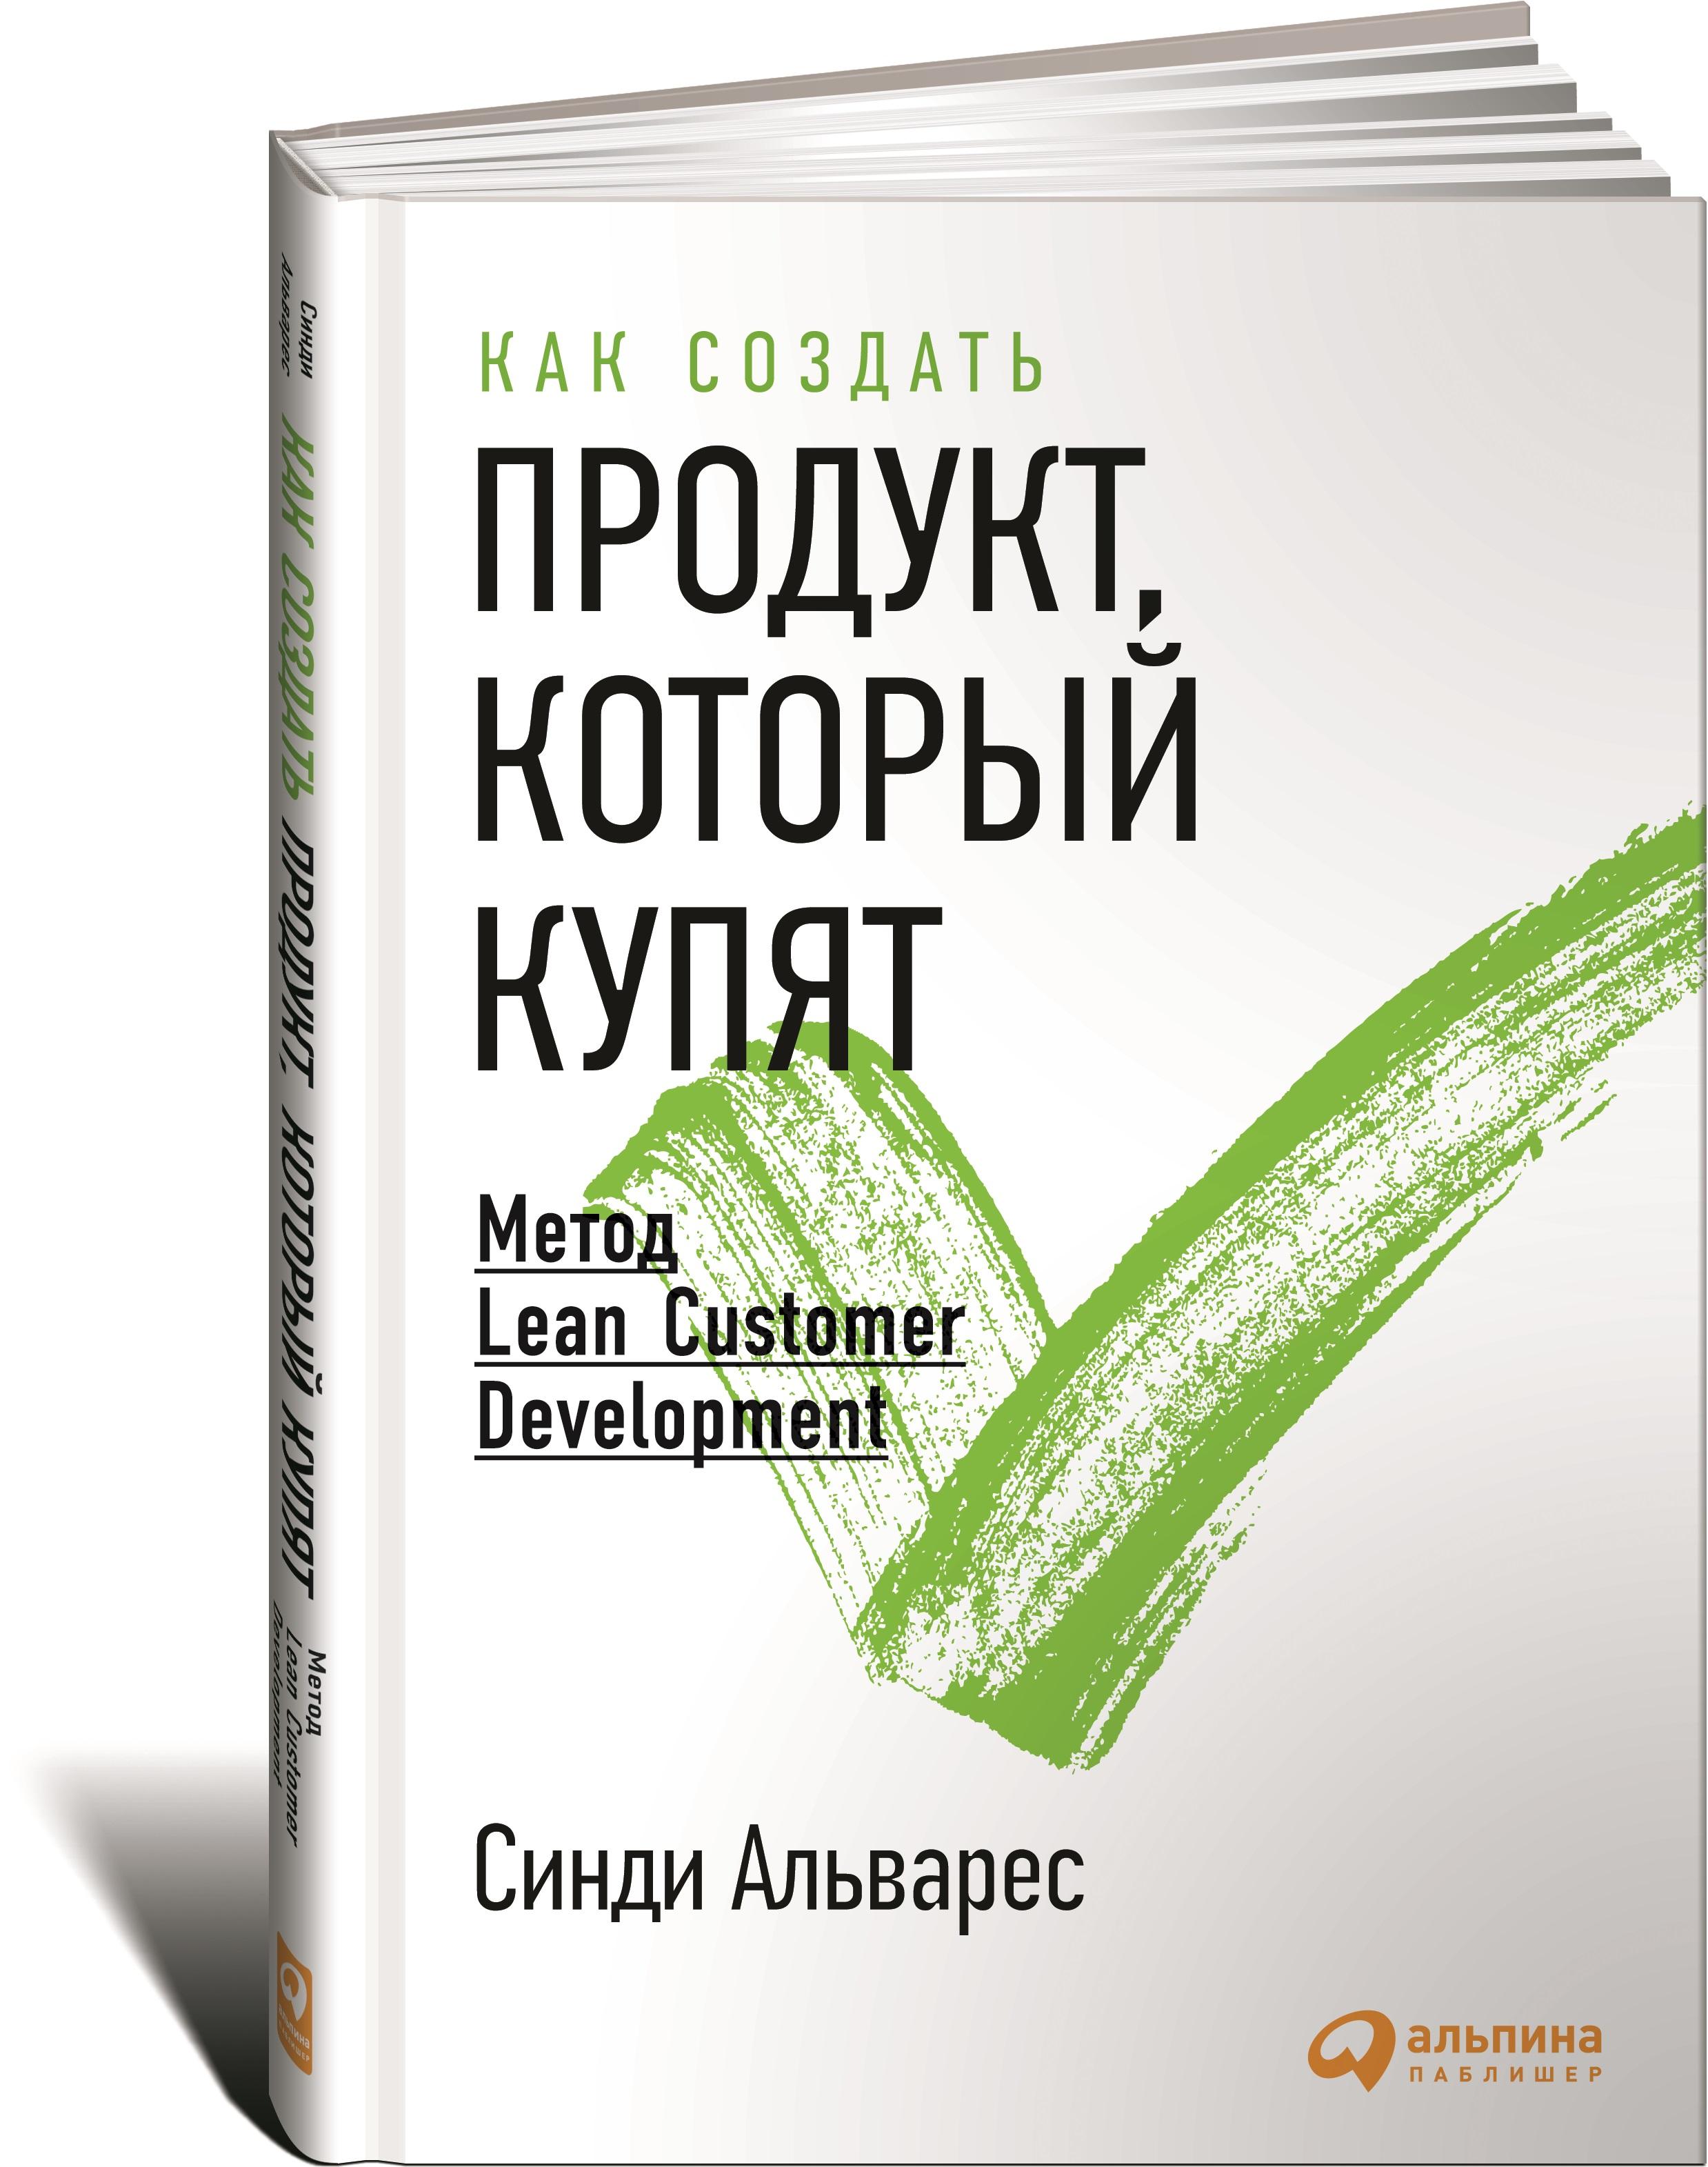 Как создать продукт, который купят. Метод Lean Customer Development. Синди Альварес